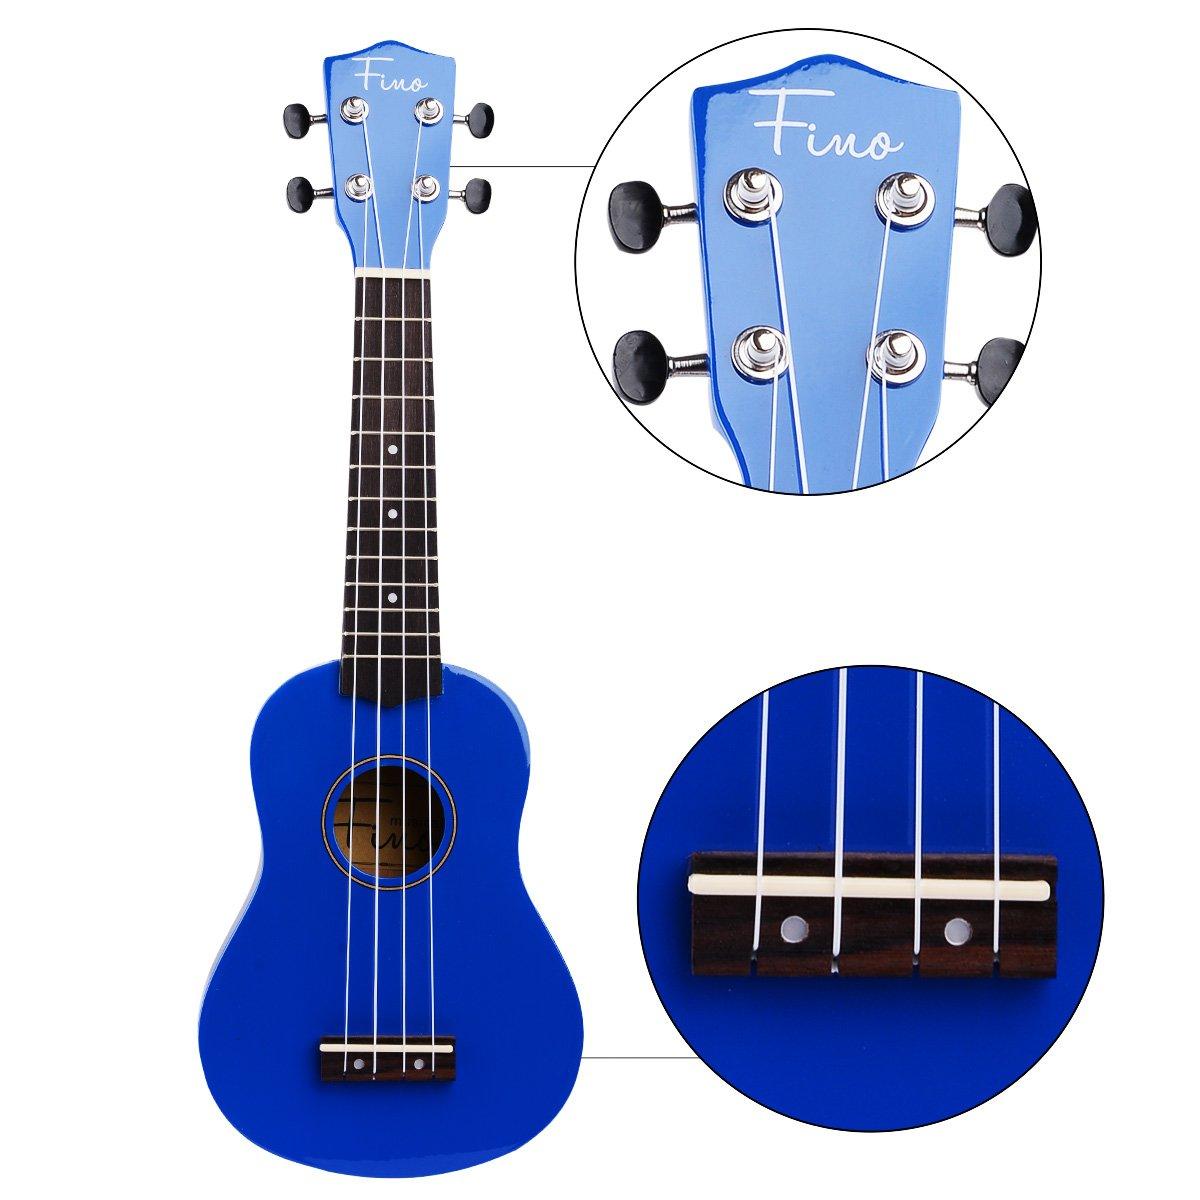 FINO Ukulele Kit for Beginners Rainbow Series,Soprano Ukulele Beginner Pack-21 inch w/Gig Bag,Strap and Picks,Small Guitar for Kids 5-8(Blue)